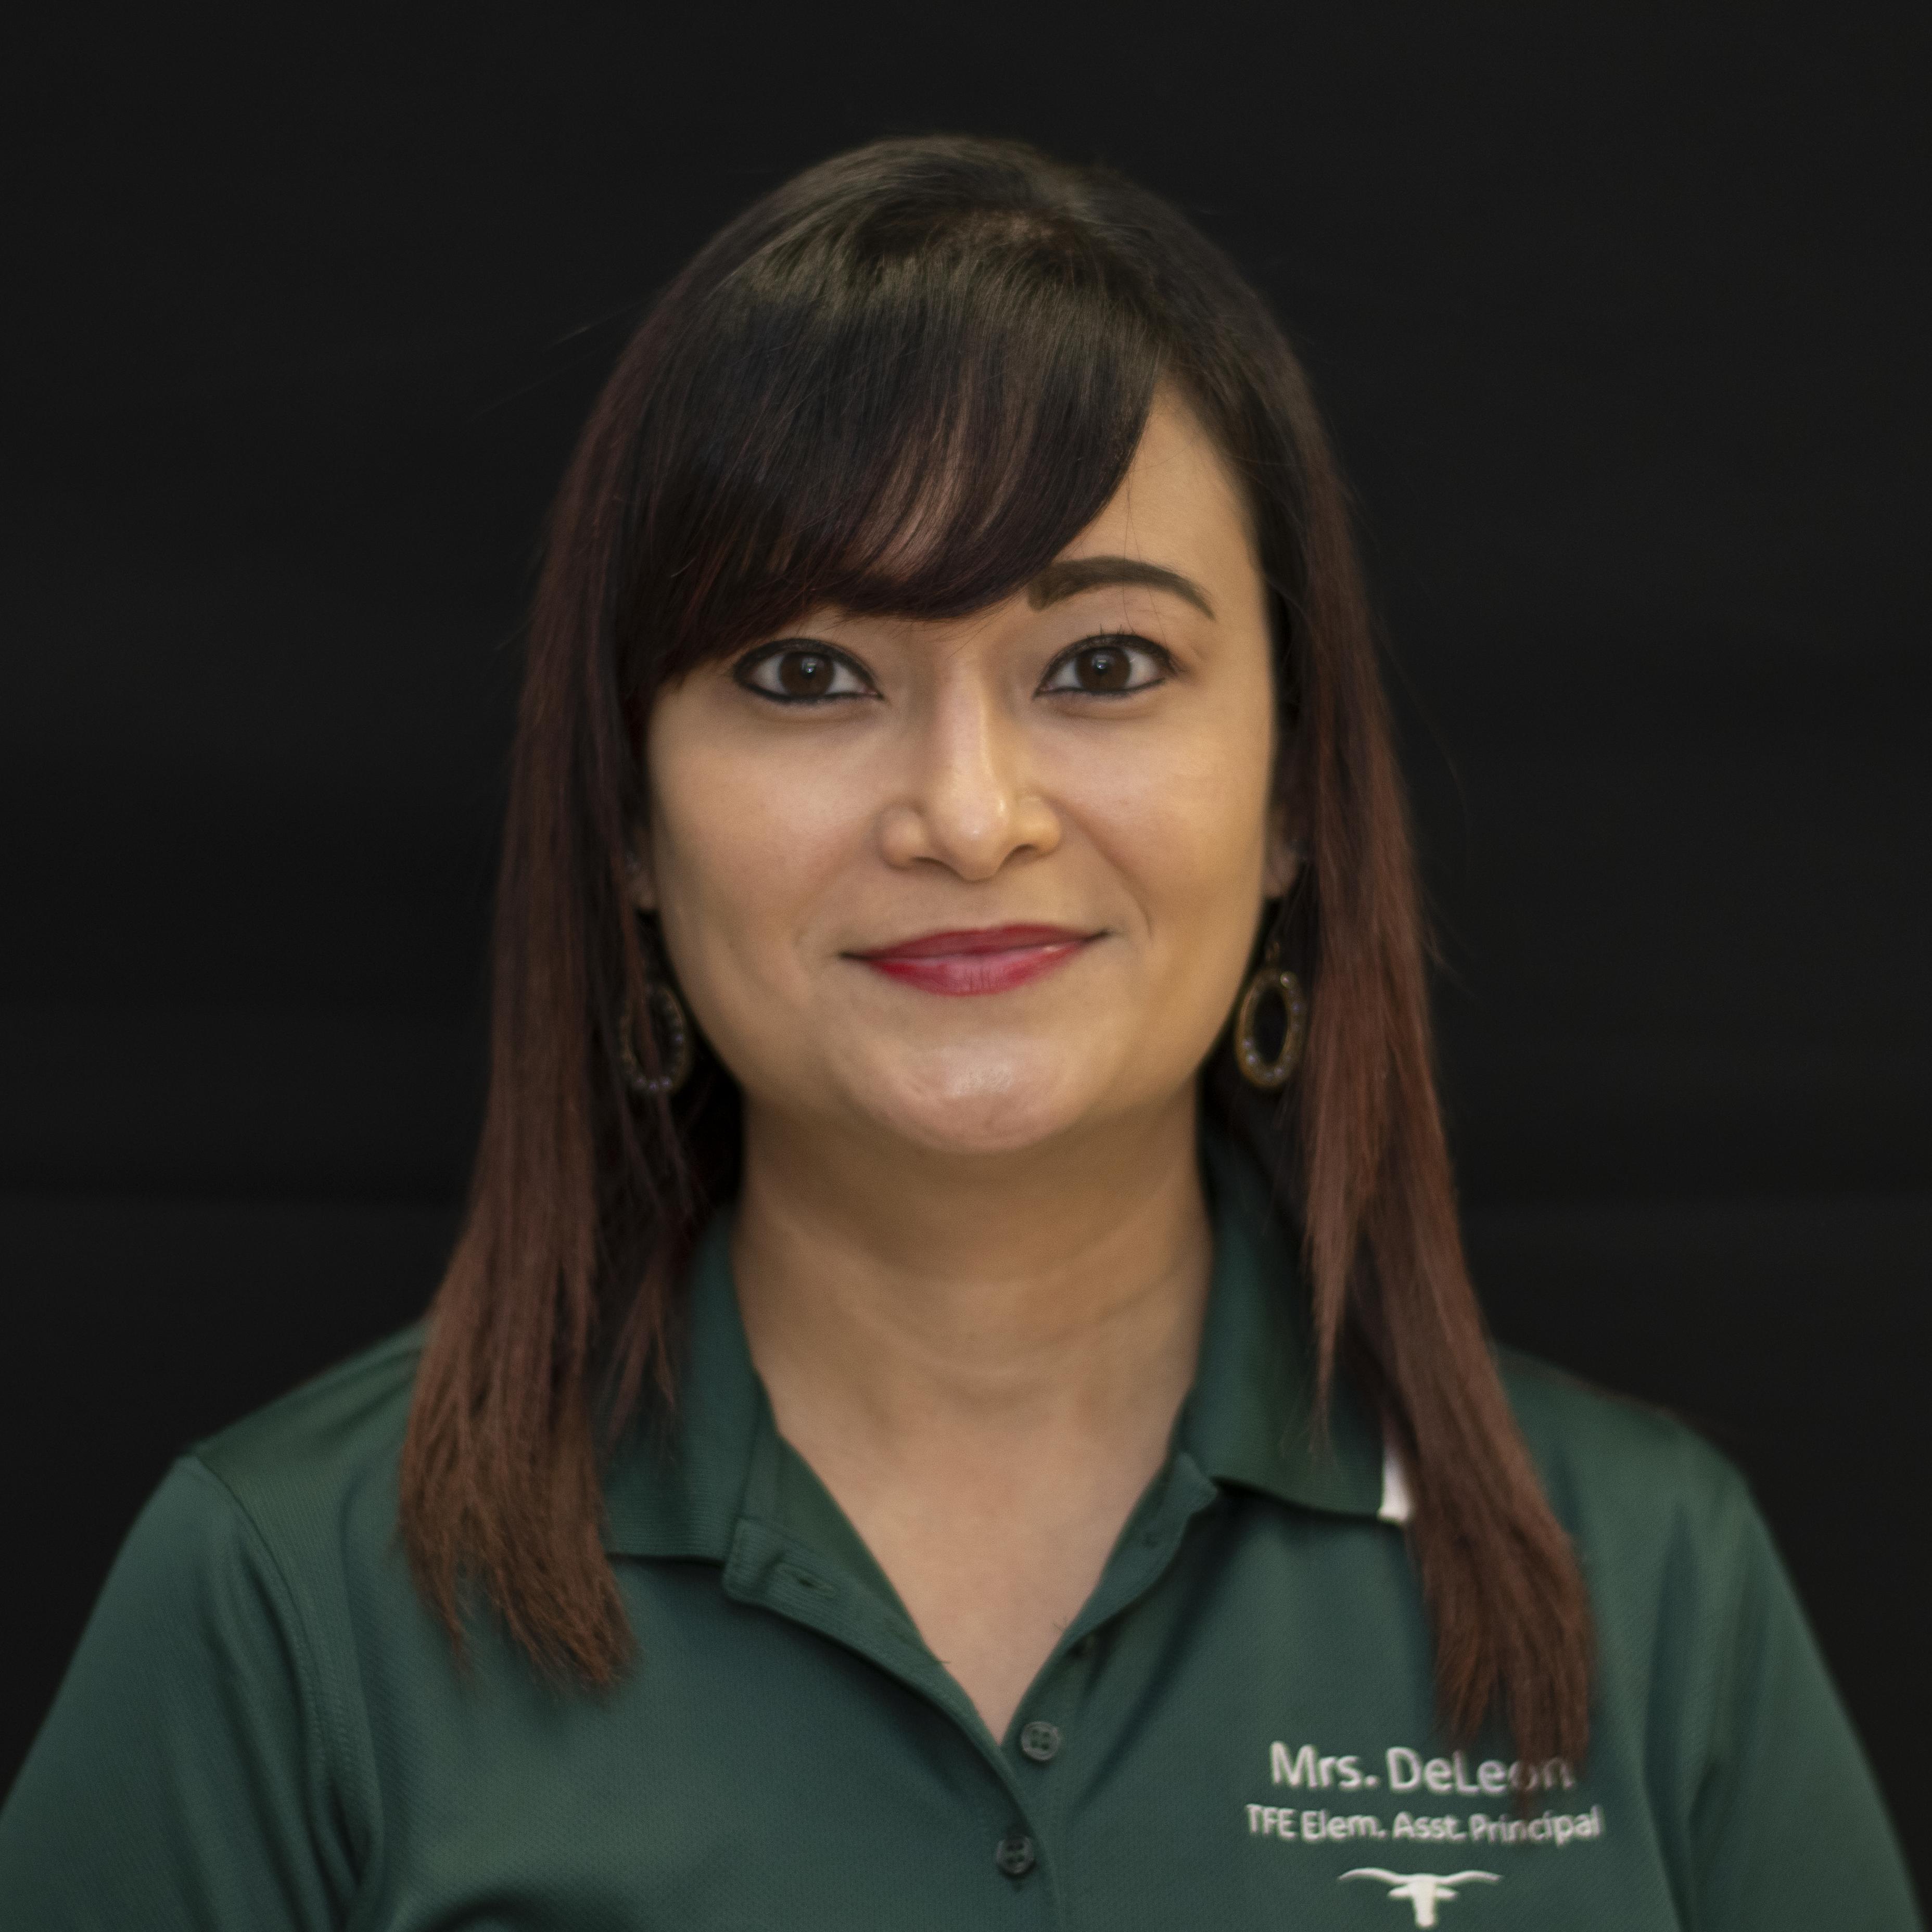 Michelle De Leon's Profile Photo